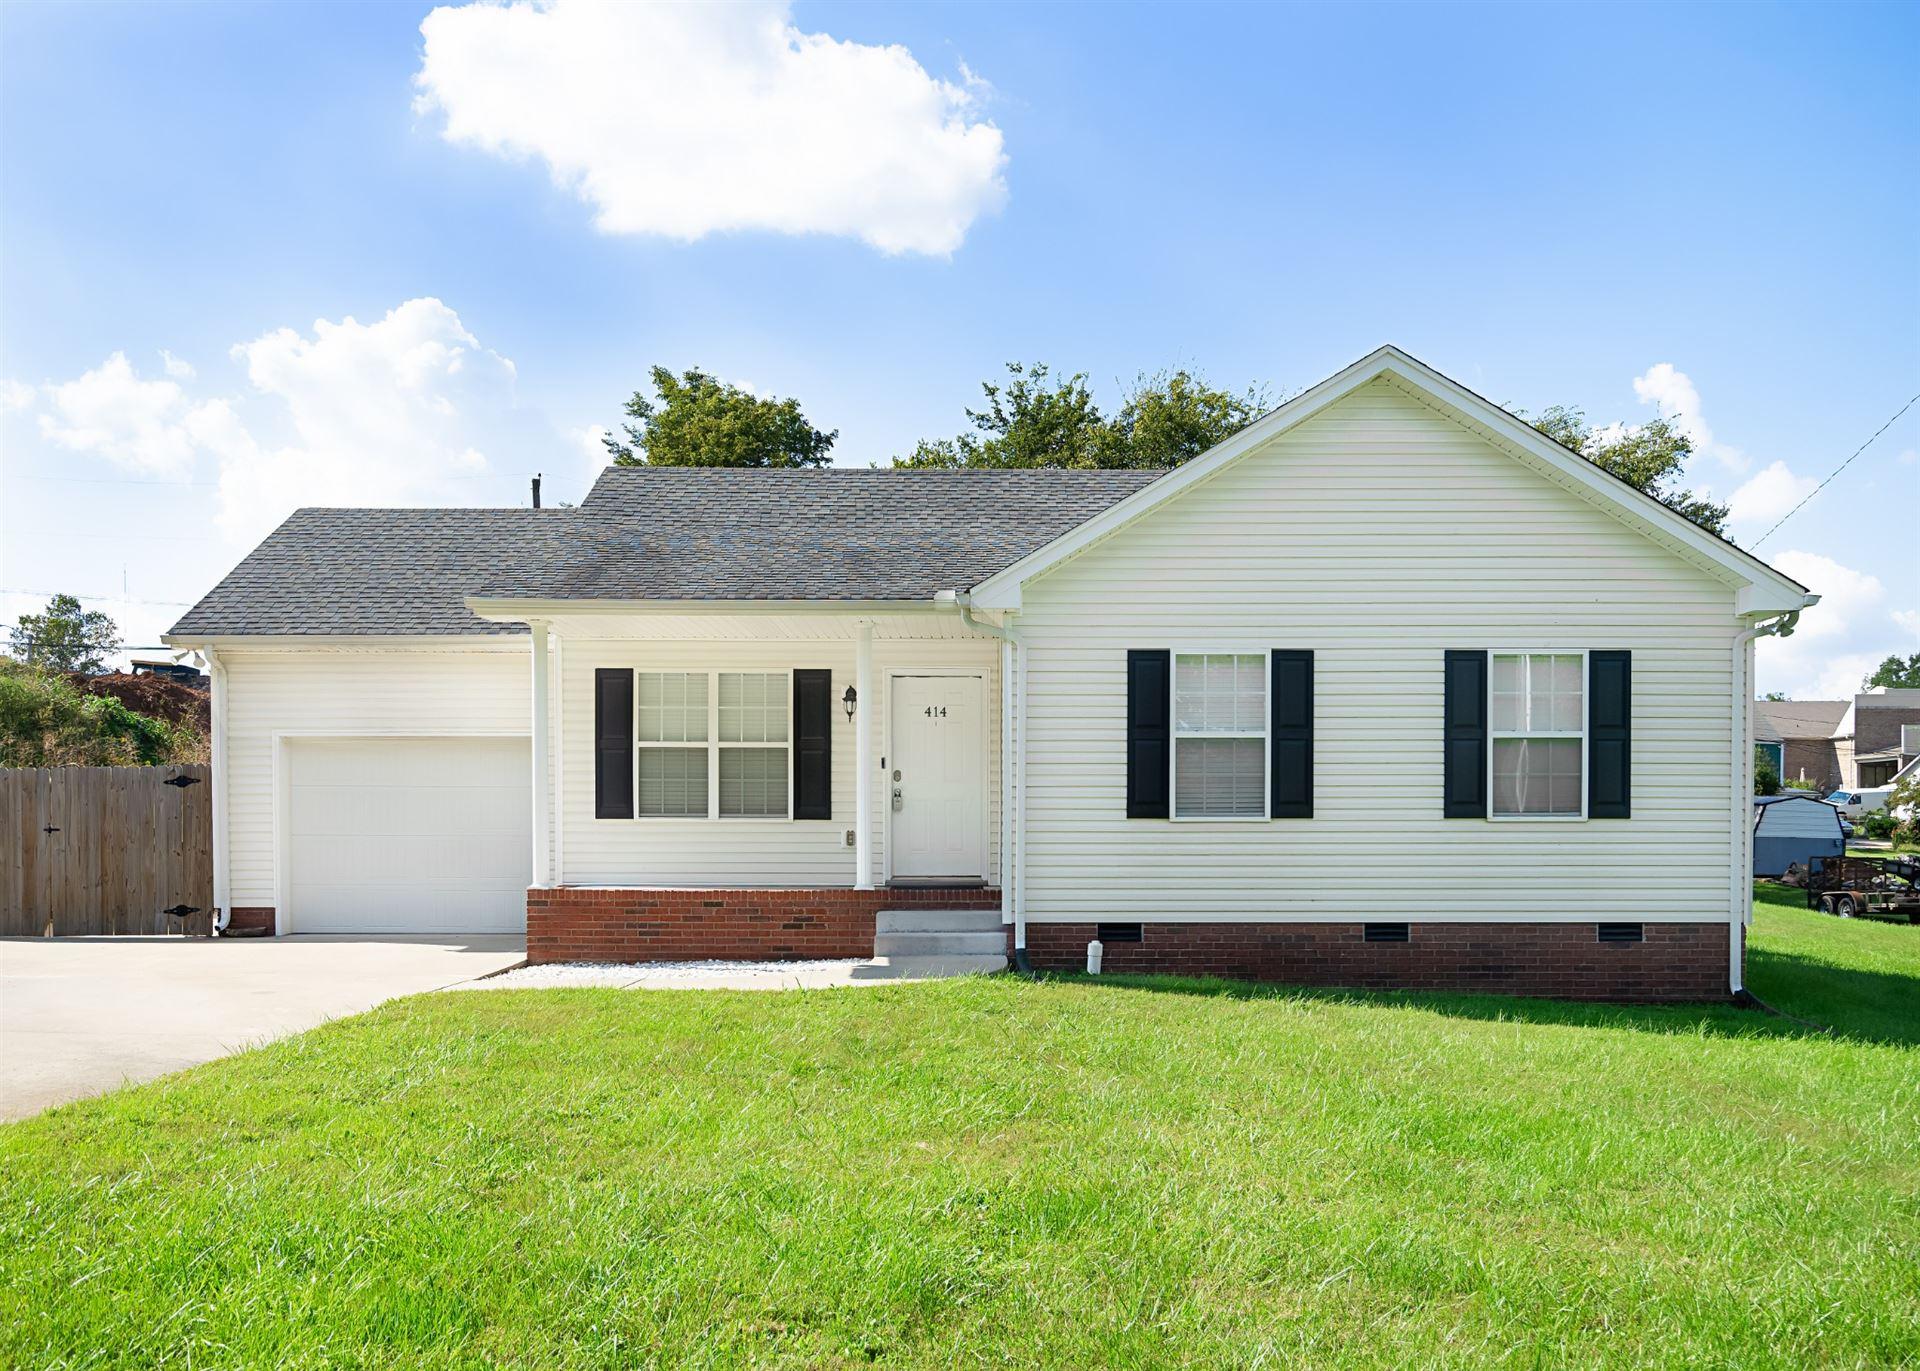 414 Kelly Ln, Clarksville, TN 37040 - MLS#: 2300567